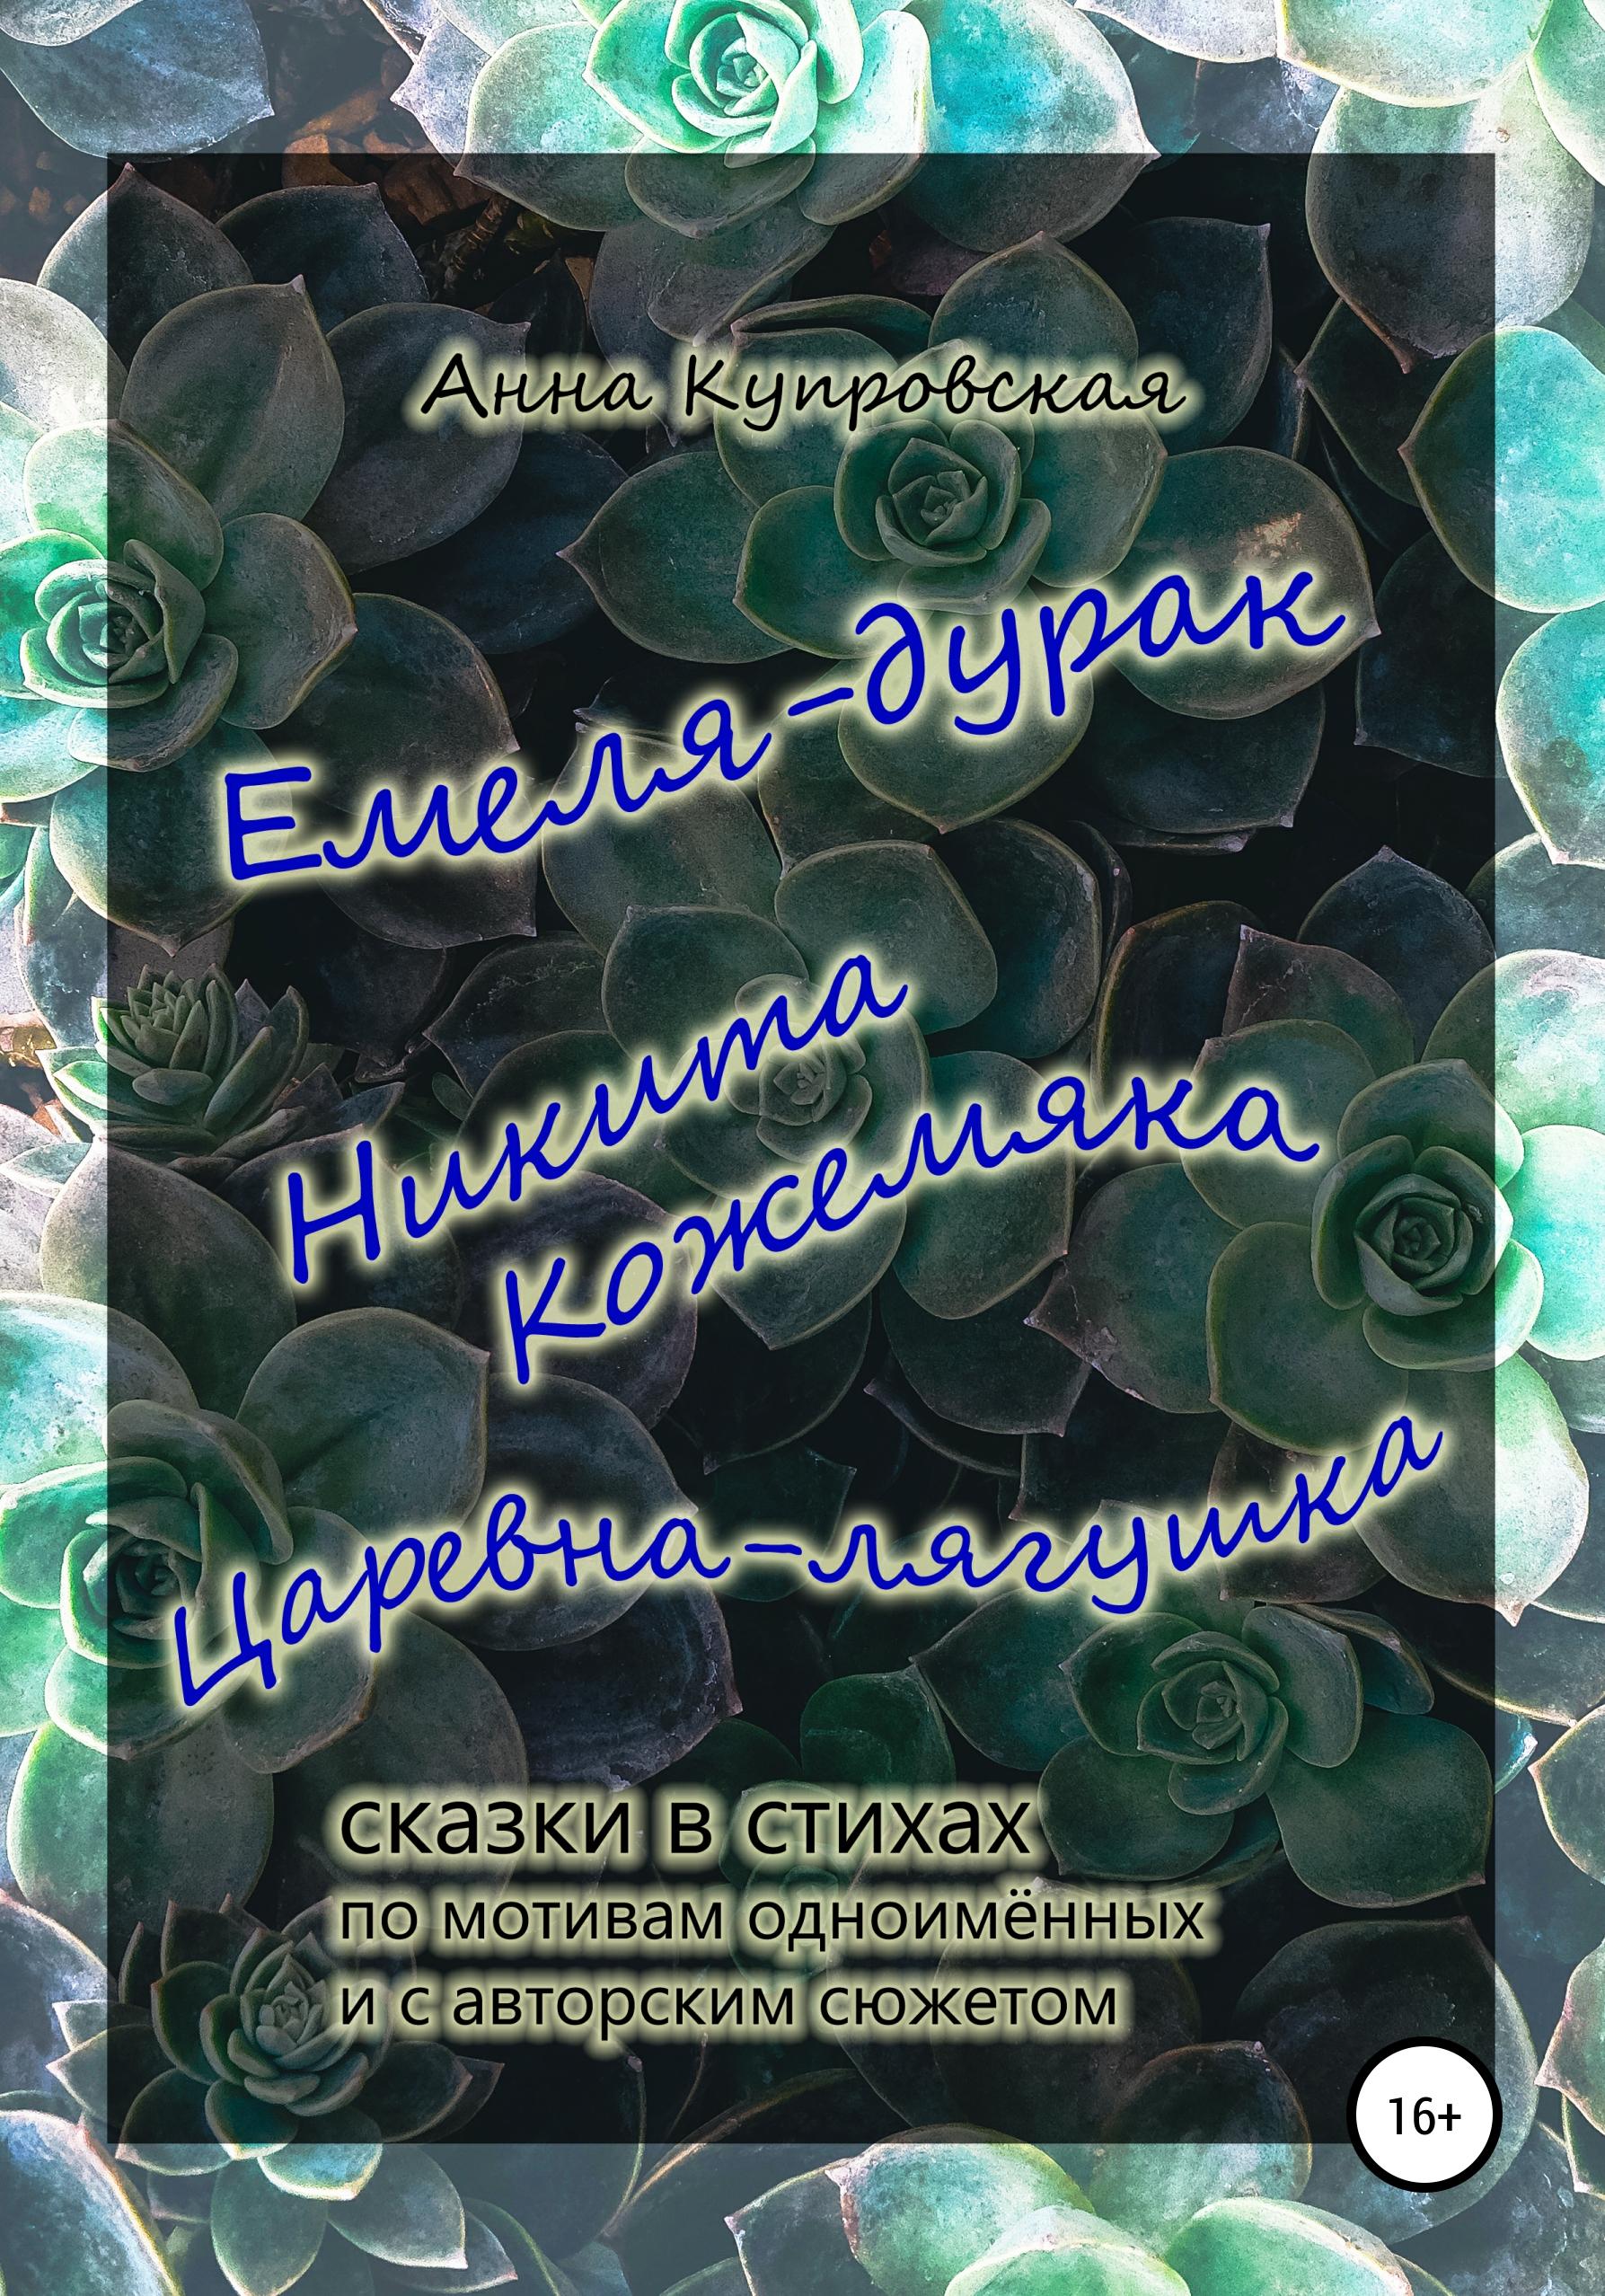 Емеля-дурак, Никита Кожемяка, Царевна-лягушка – сказки в стихах по мотивам одноимённых и с авторским сюжетом